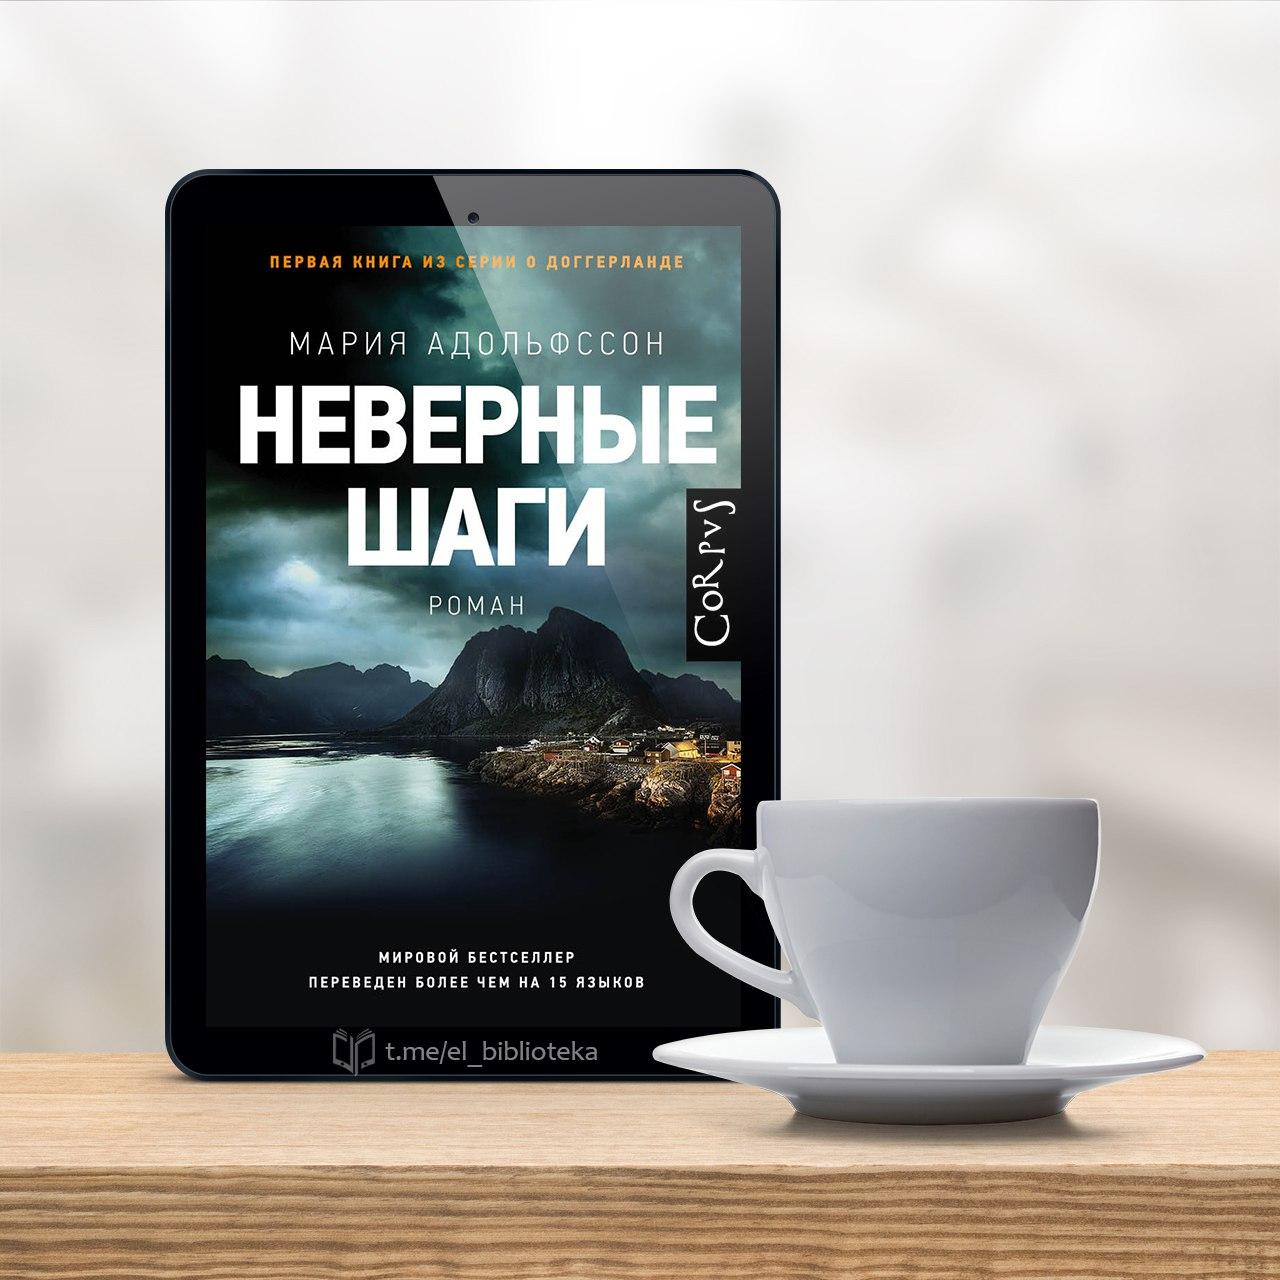  Неверные шаги  Автор:  Адольфссон_Мария  Год издания: 2021  Серия...